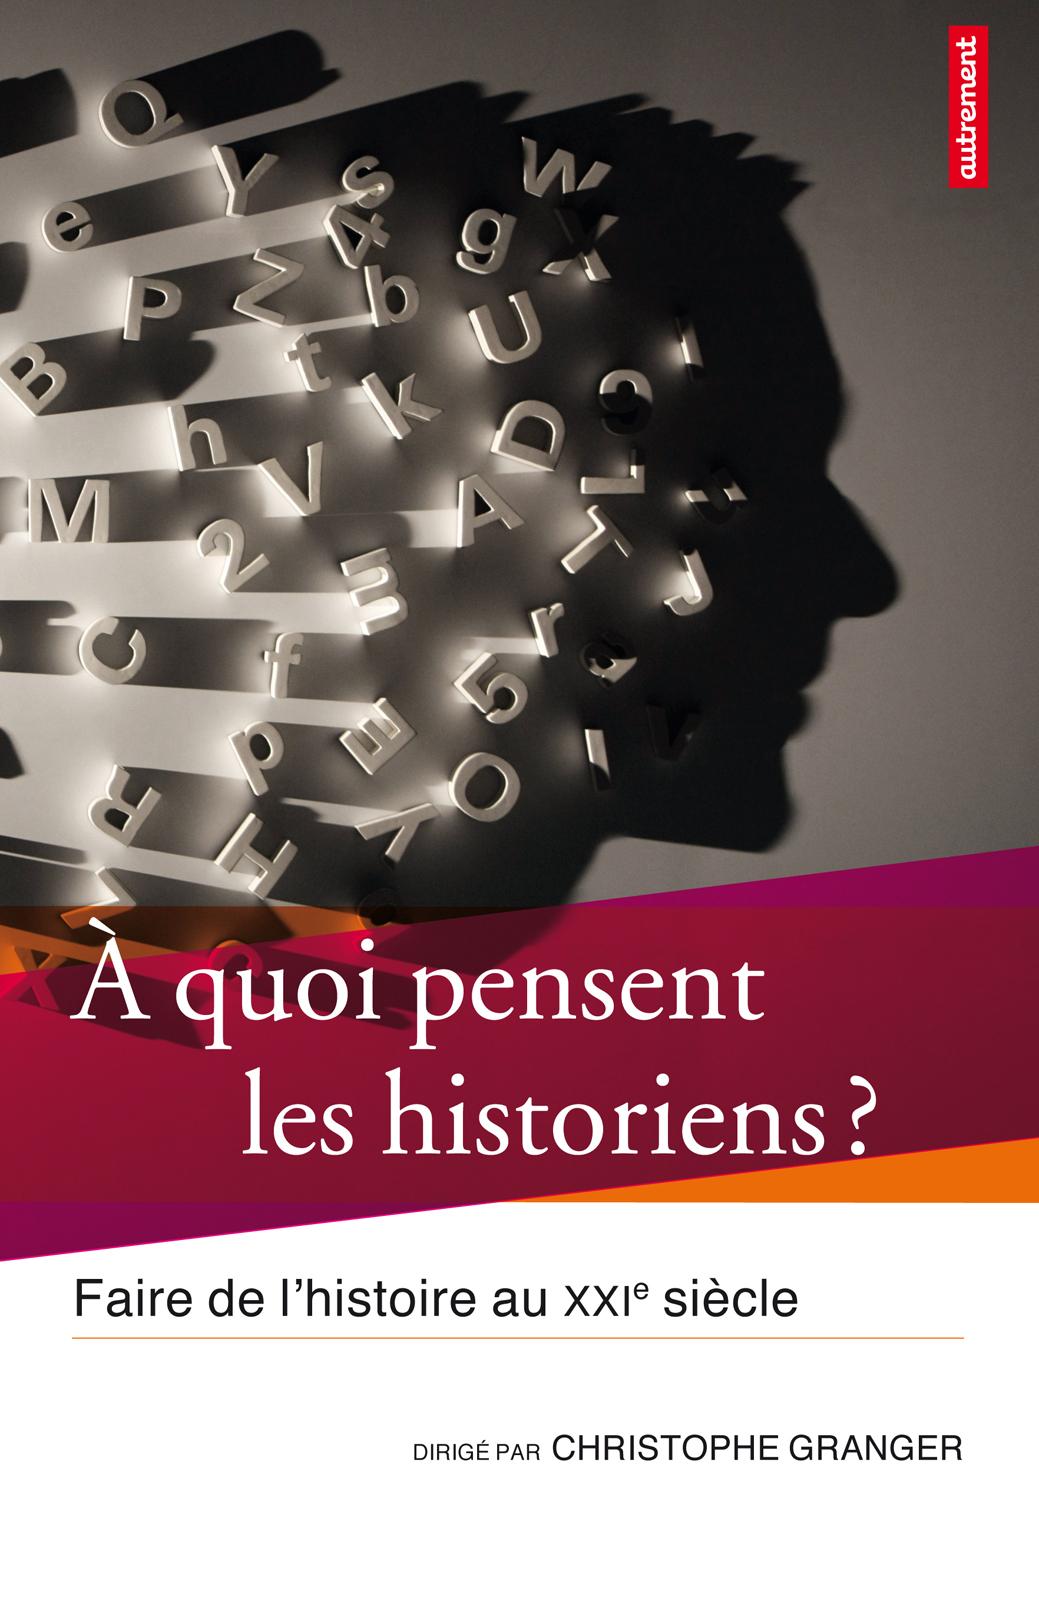 À quoi pensent les historiens ?, FAIRE DE L'HISTOIRE AU XXIE SIÈCLE